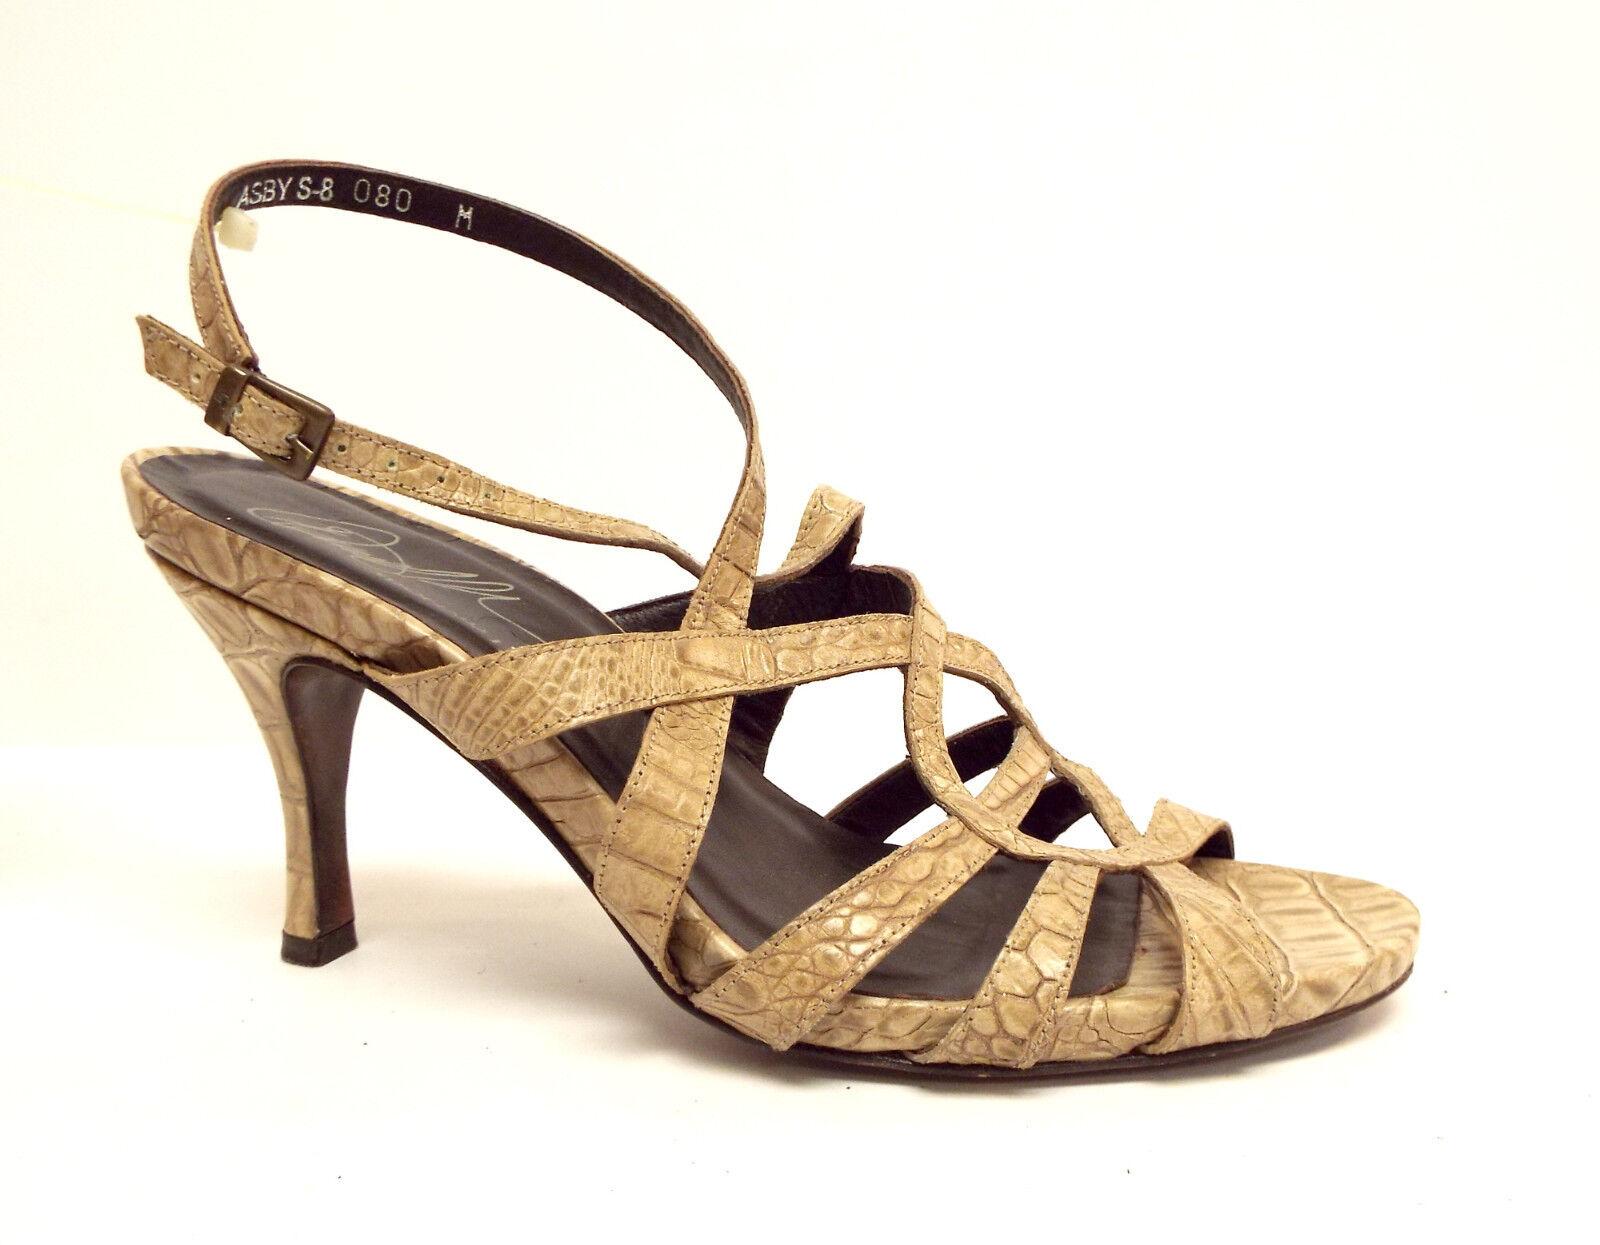 DONALD PLINER Croc Größe 8 ASBY Beige Croc PLINER Print Leder Sandales Heels Schuhes 902d93